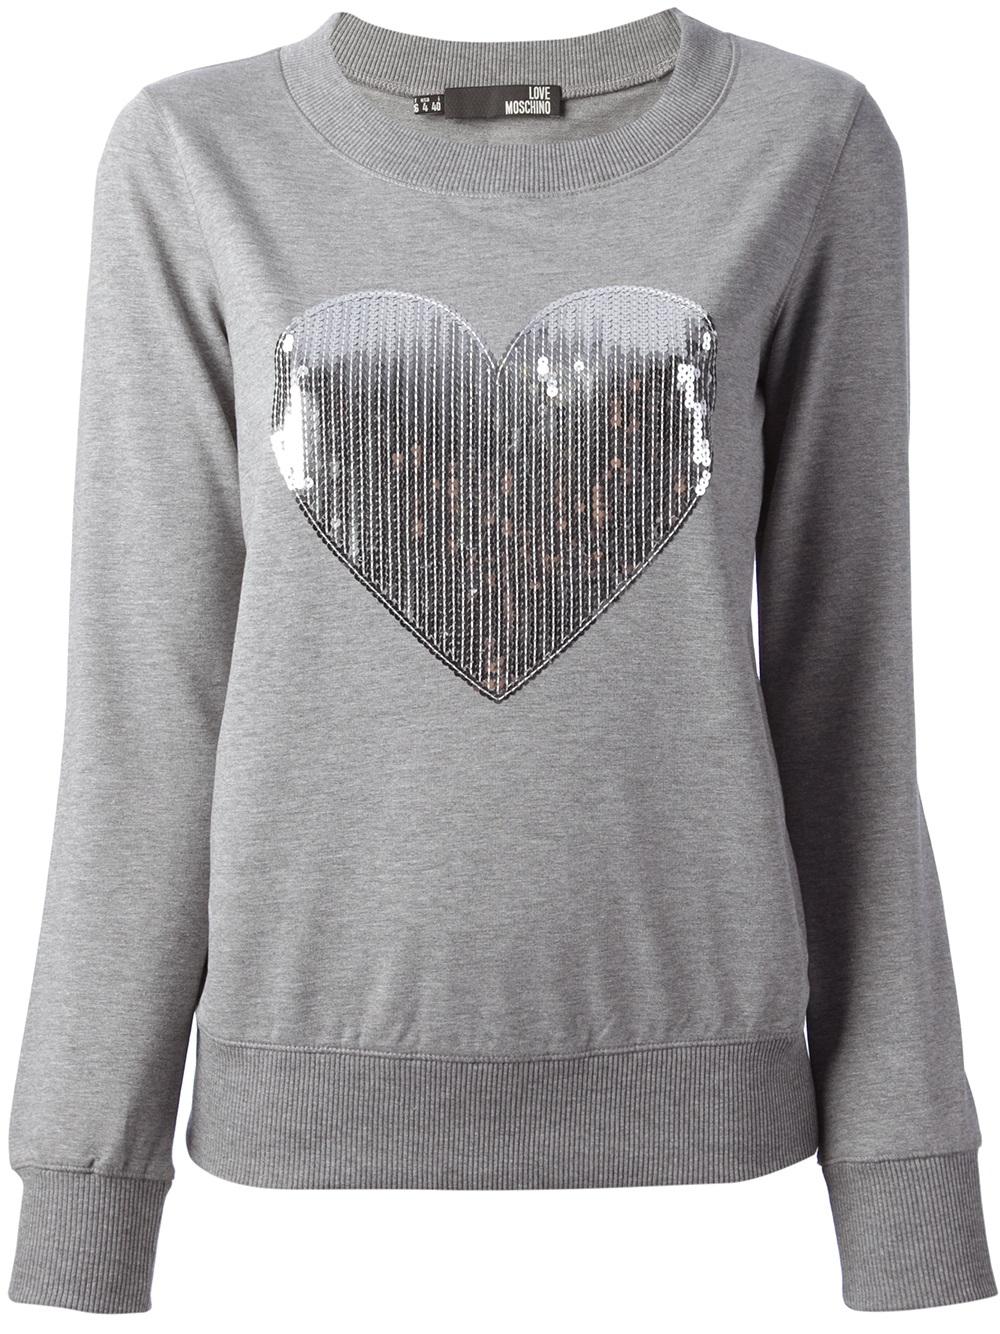 Lyst - Love Moschino Sequin Heart Sweatshirt in Gray